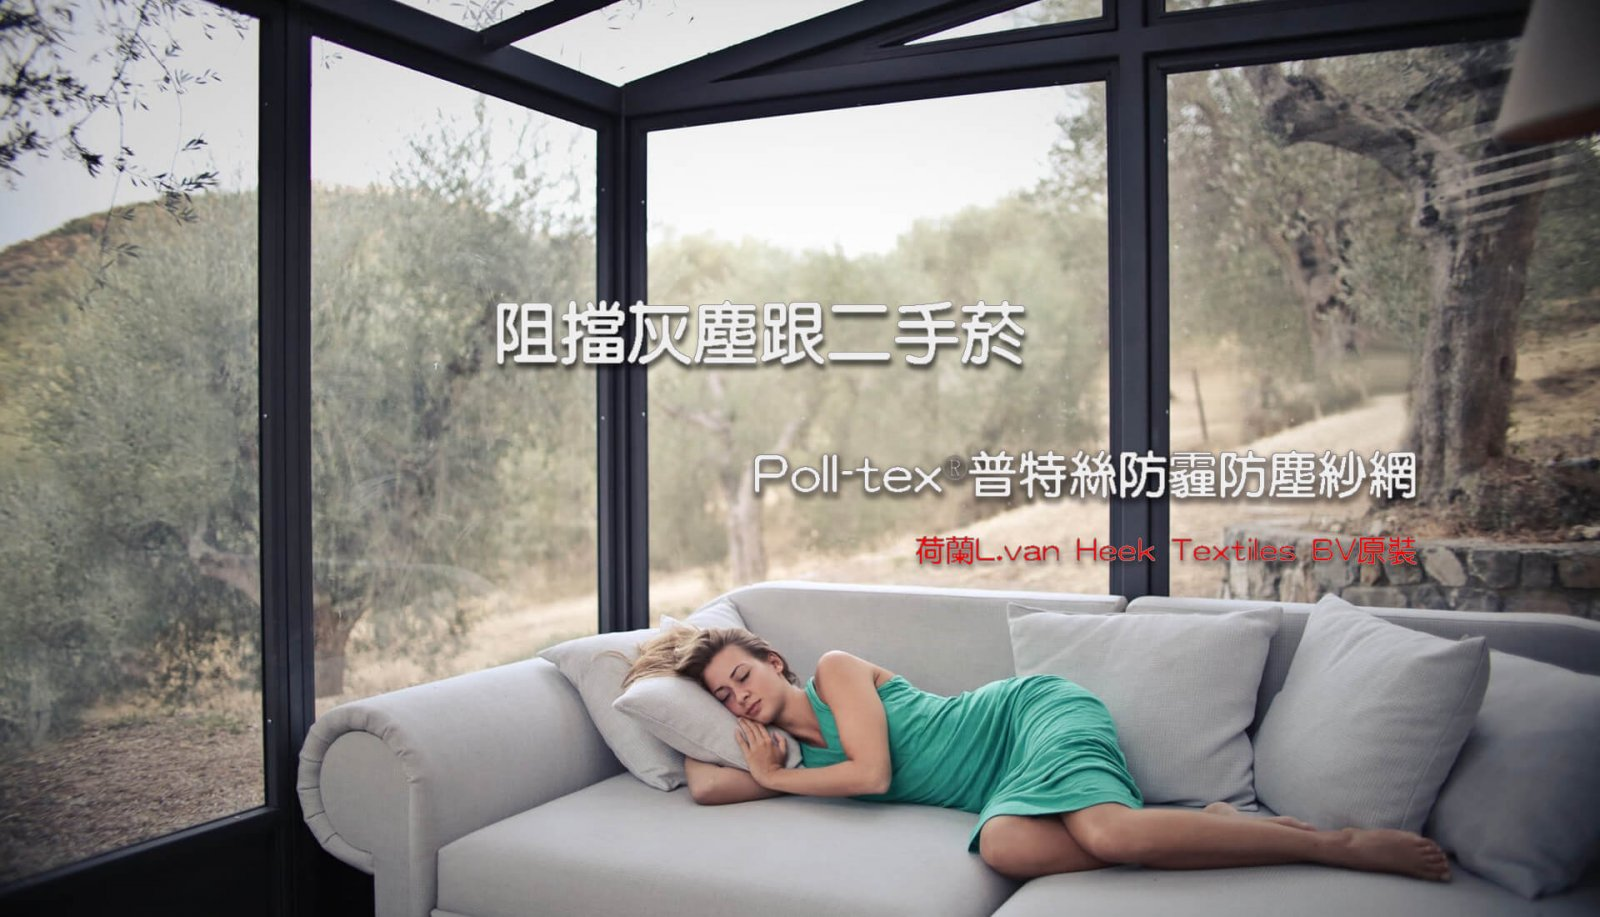 Poll-tex普特絲防霾透氣紗窗減少家中落塵與二手菸